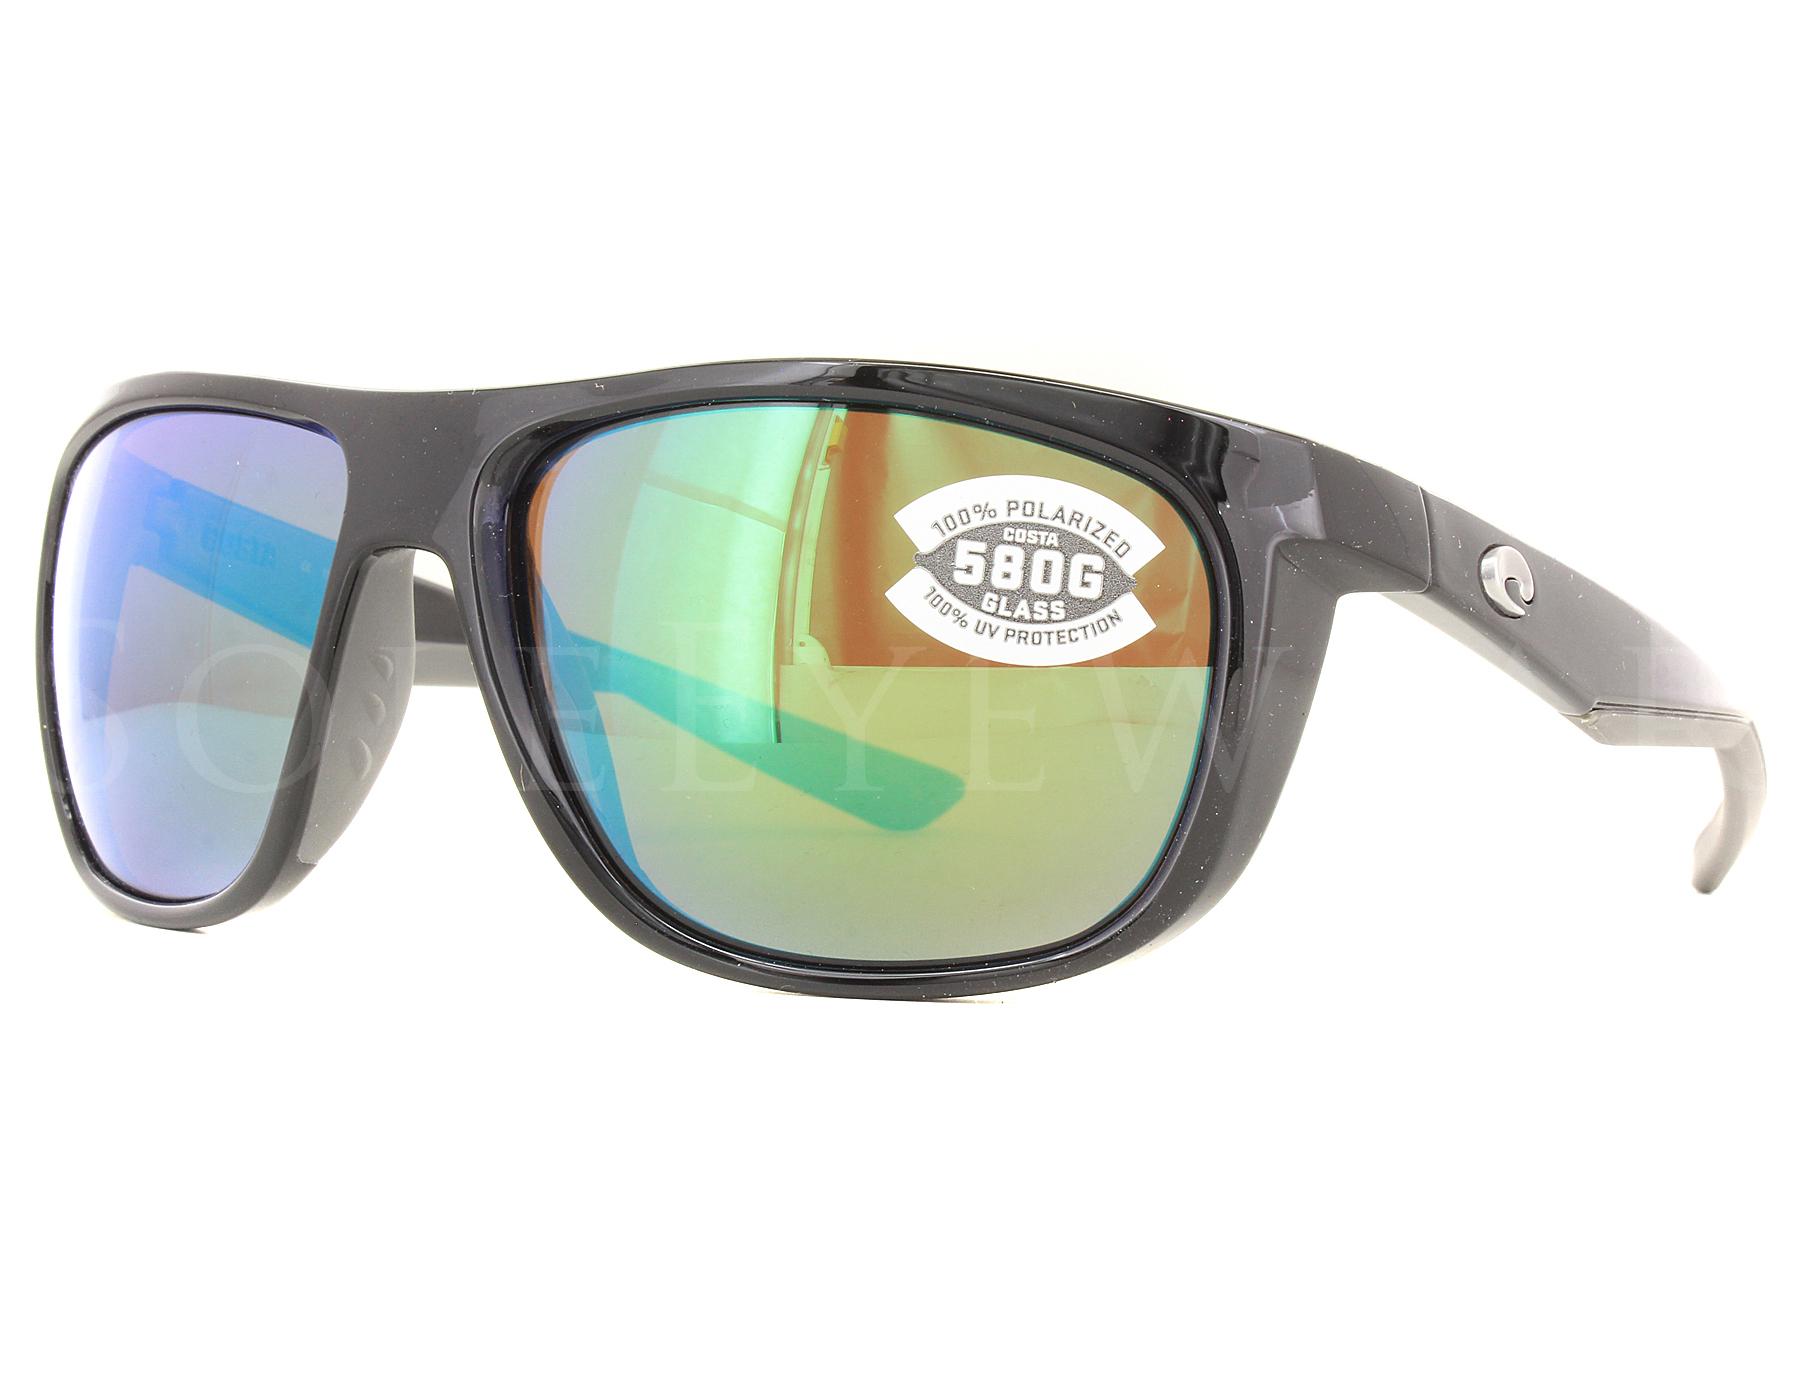 2210b86b65 Details about NEW Costa Del Mar Kiwa Shiny Black Green Mirror  KWA11-OGMGLP580G Sunglasses